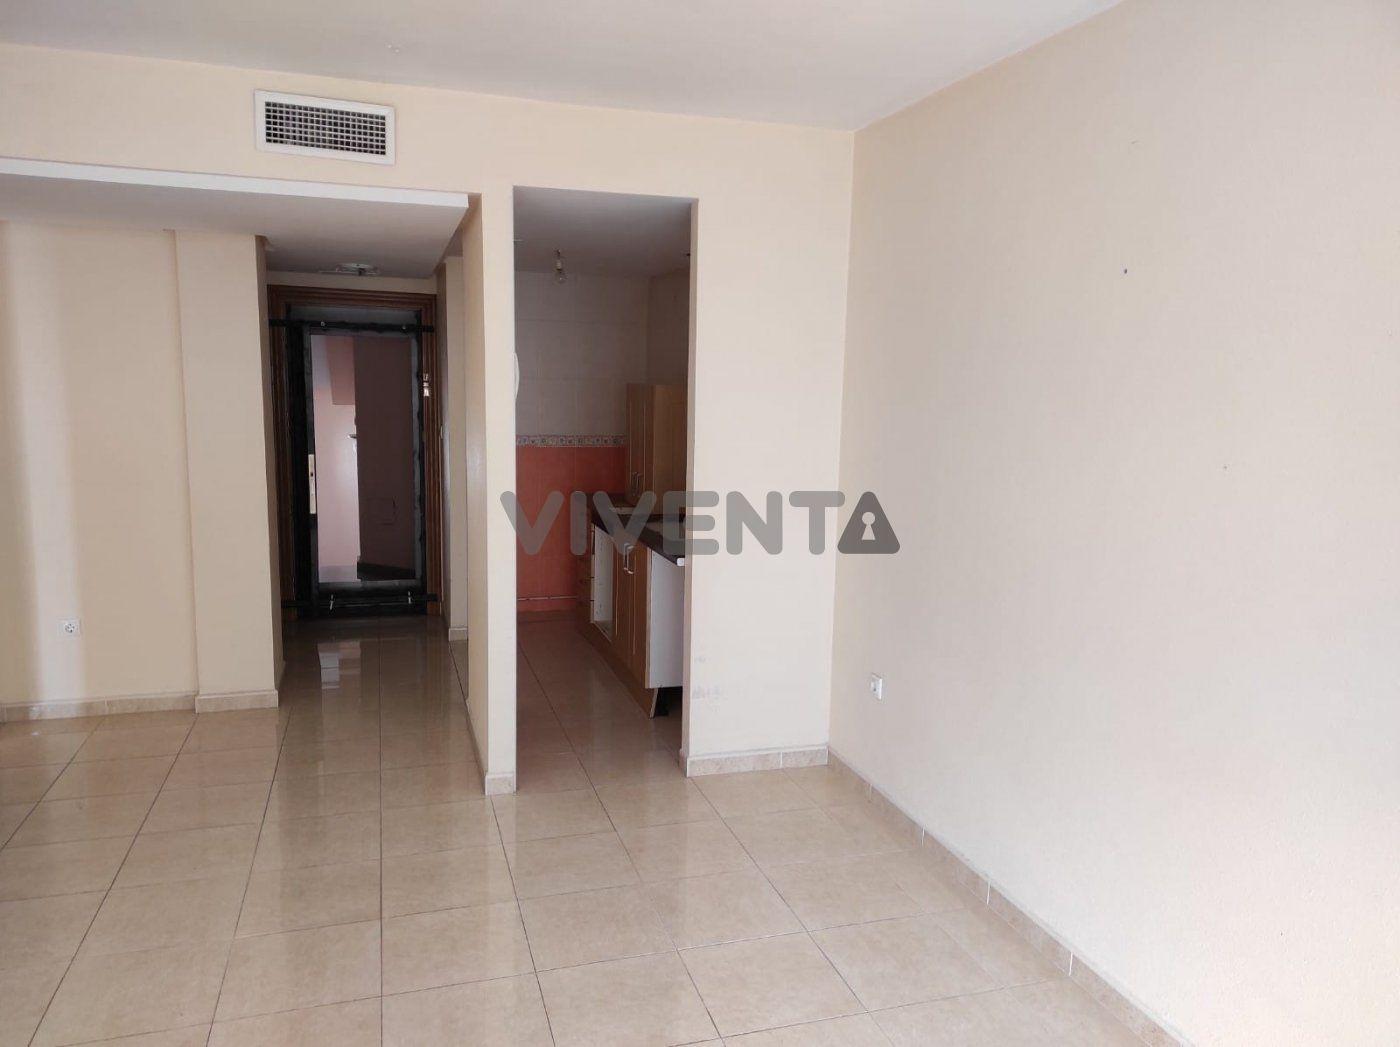 Apartamento · Murcia · La Alberca 68.000€€